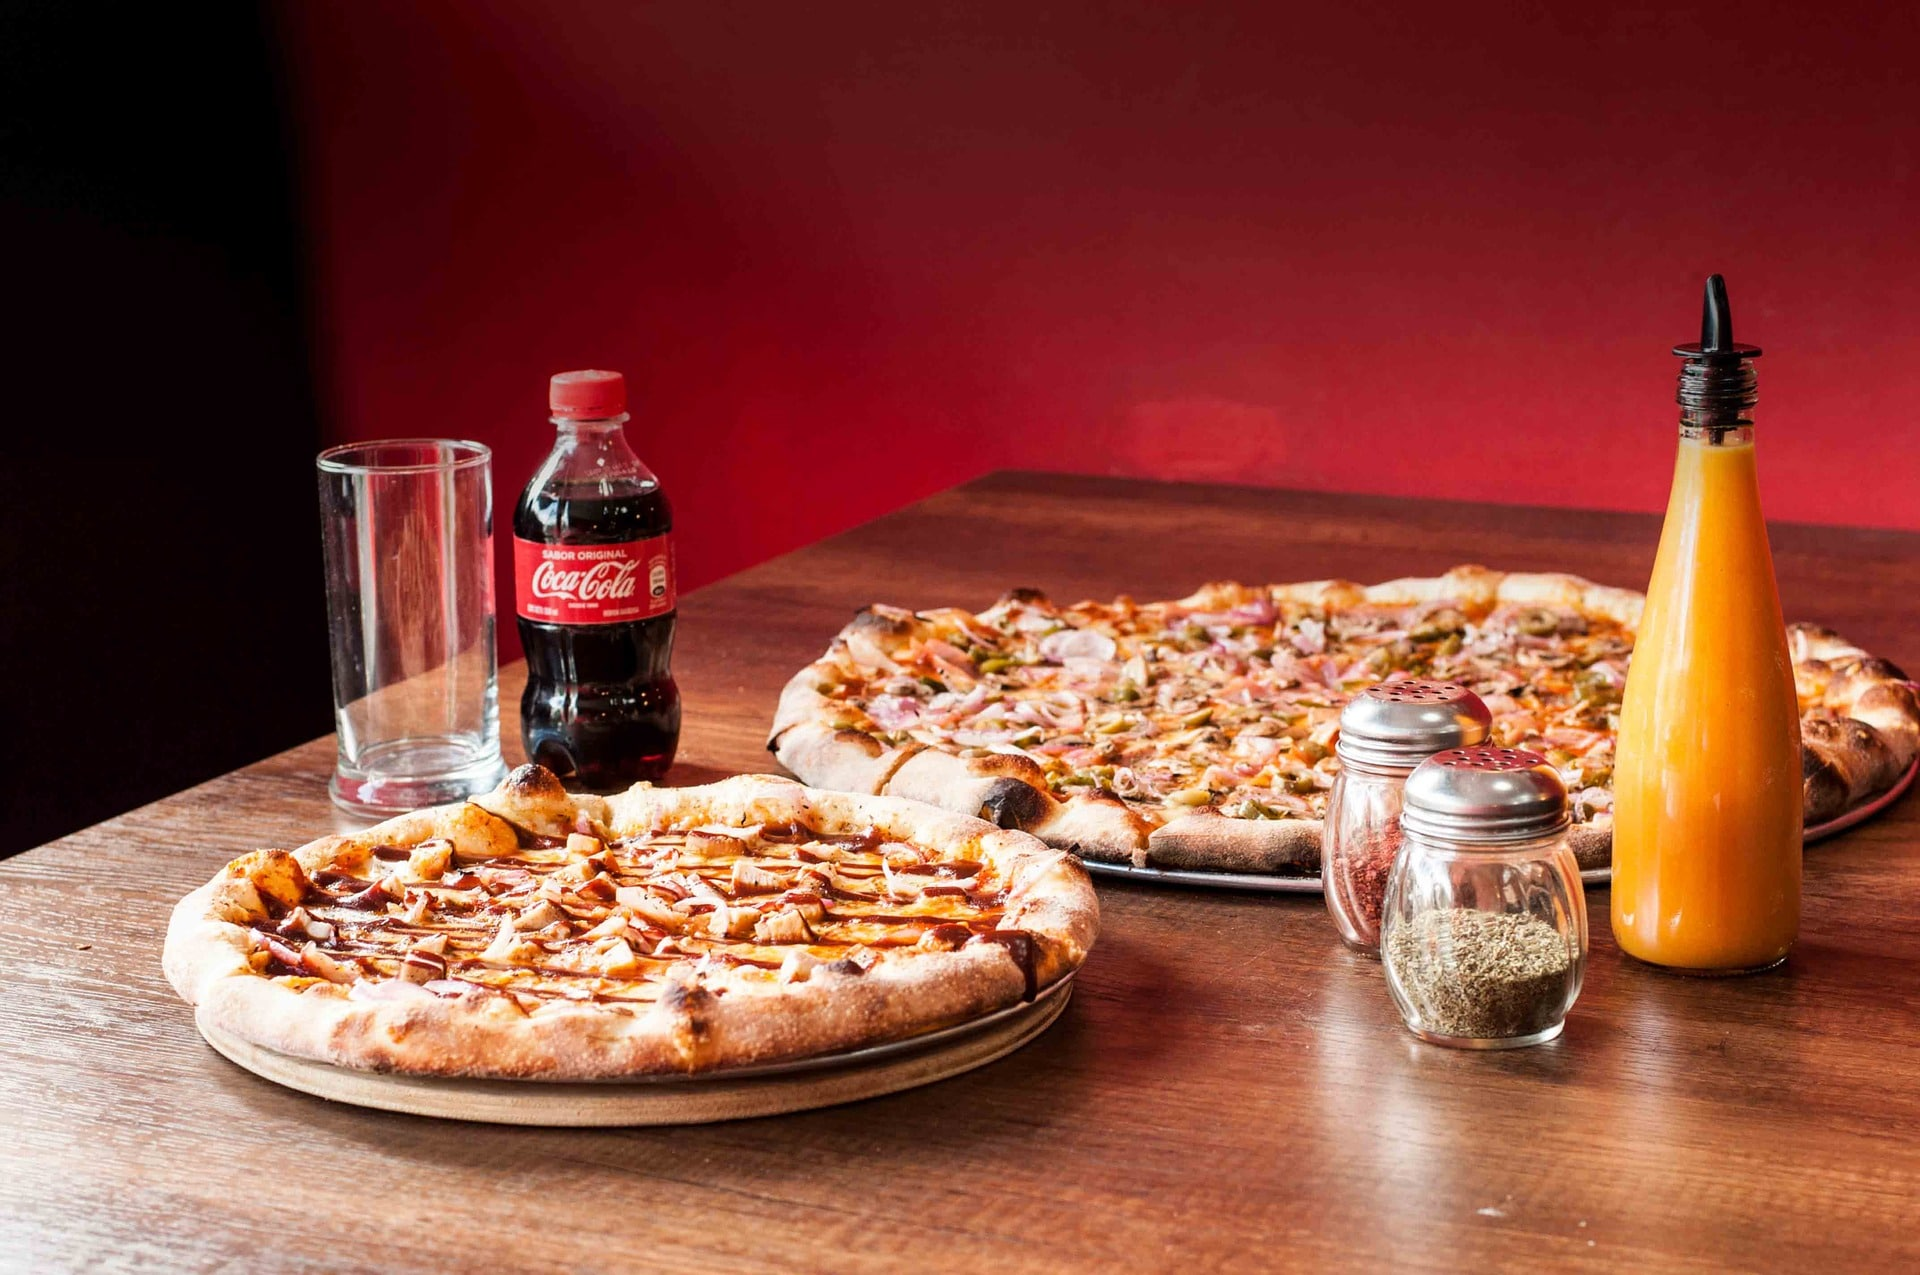 картинки пицца и кола прикольные модель представляет